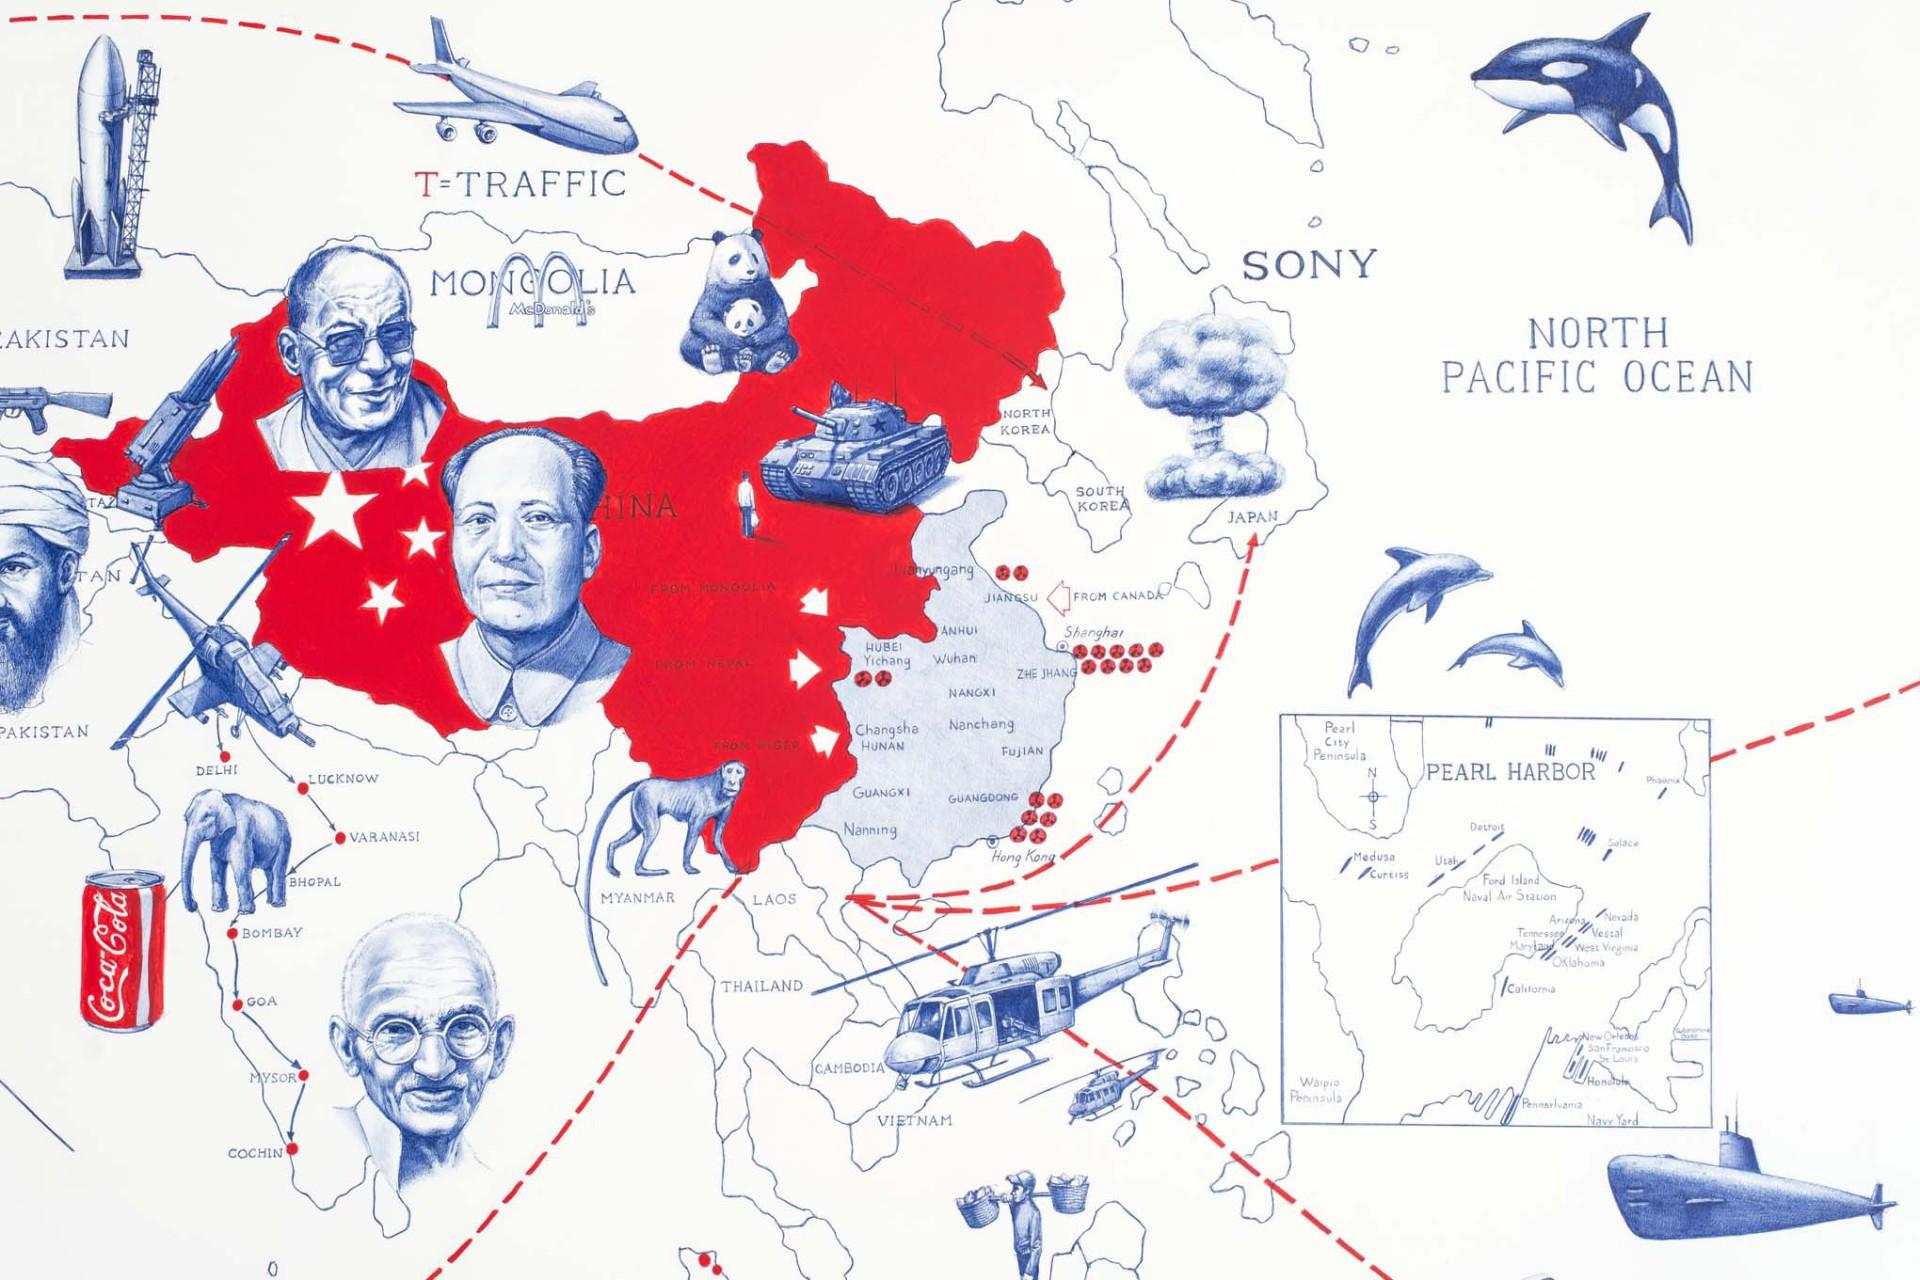 Global education mappa particolare8_bassa